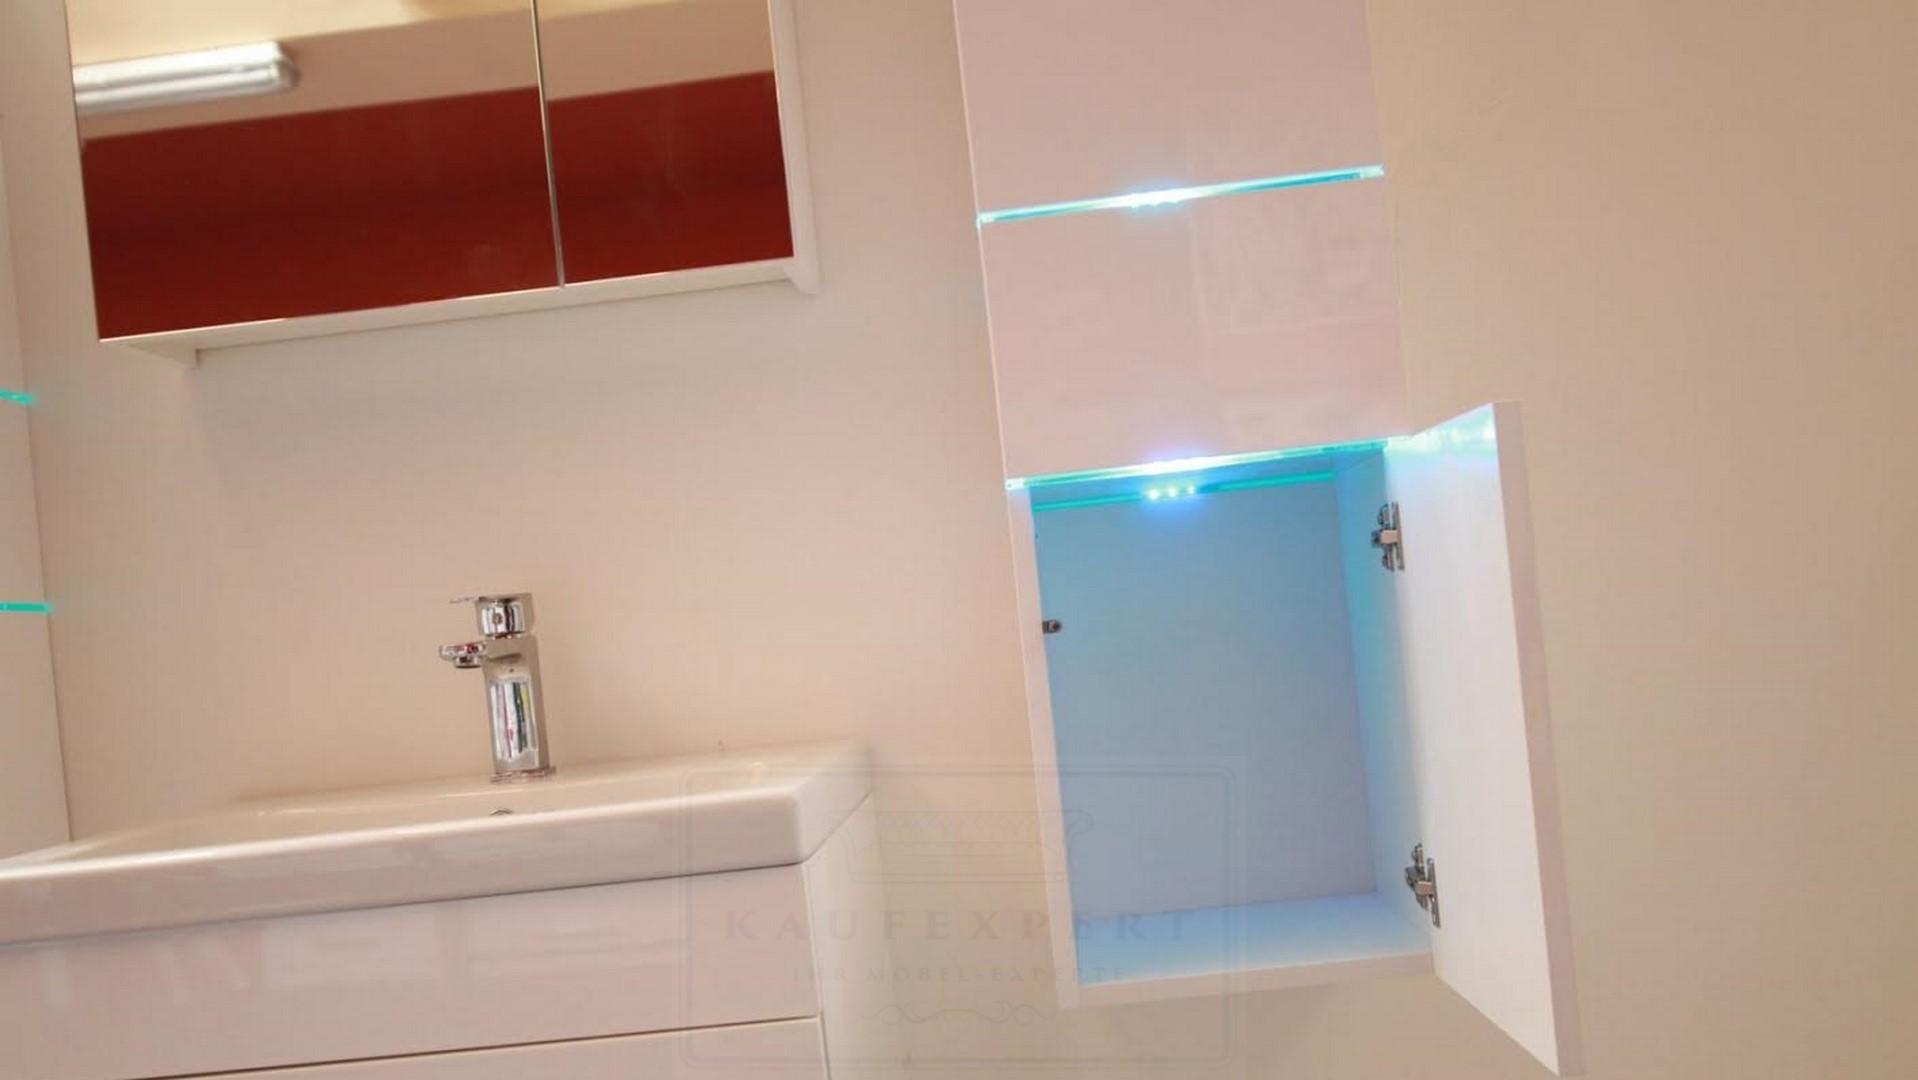 Badmöbel Set Prestige Weiß Hochglanz Lackiert KERAMIK Waschbecken Badezimmer  Led Beleuchtung Badezimmermöbel Lack Spiegelschrank